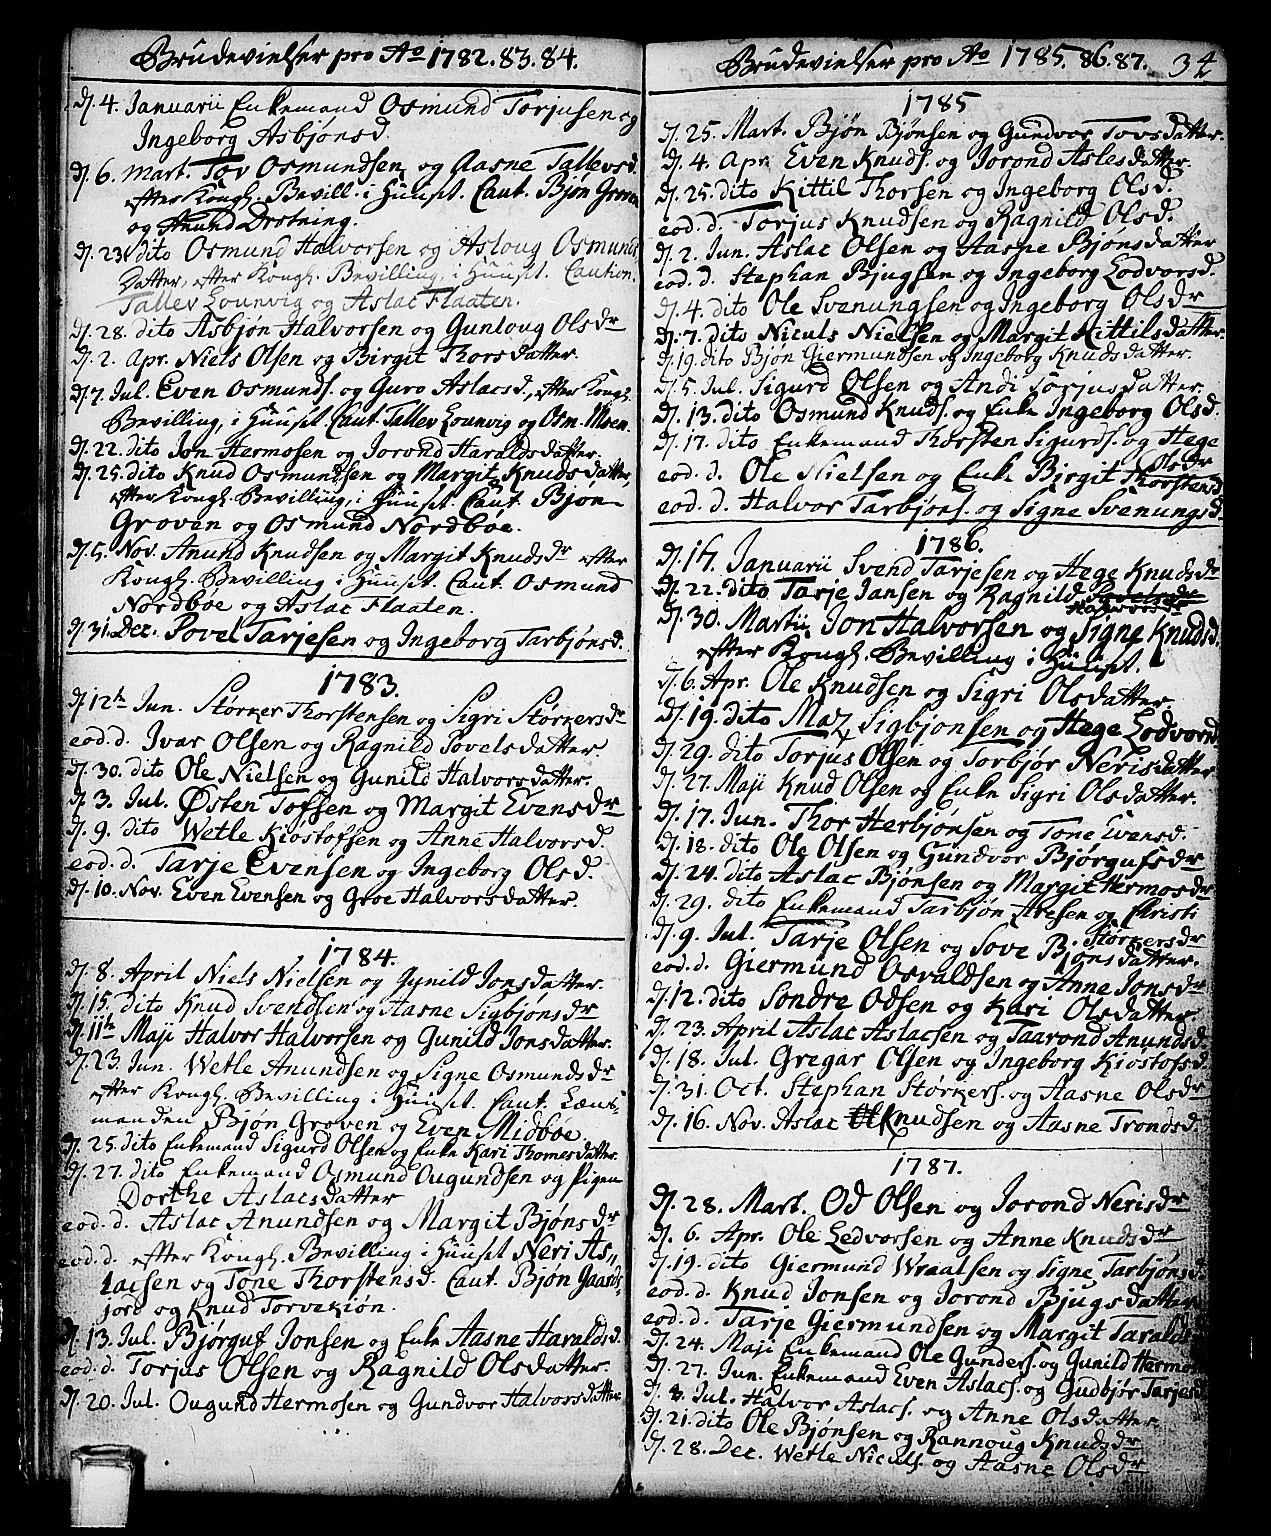 SAKO, Vinje kirkebøker, F/Fa/L0002: Ministerialbok nr. I 2, 1767-1814, s. 34